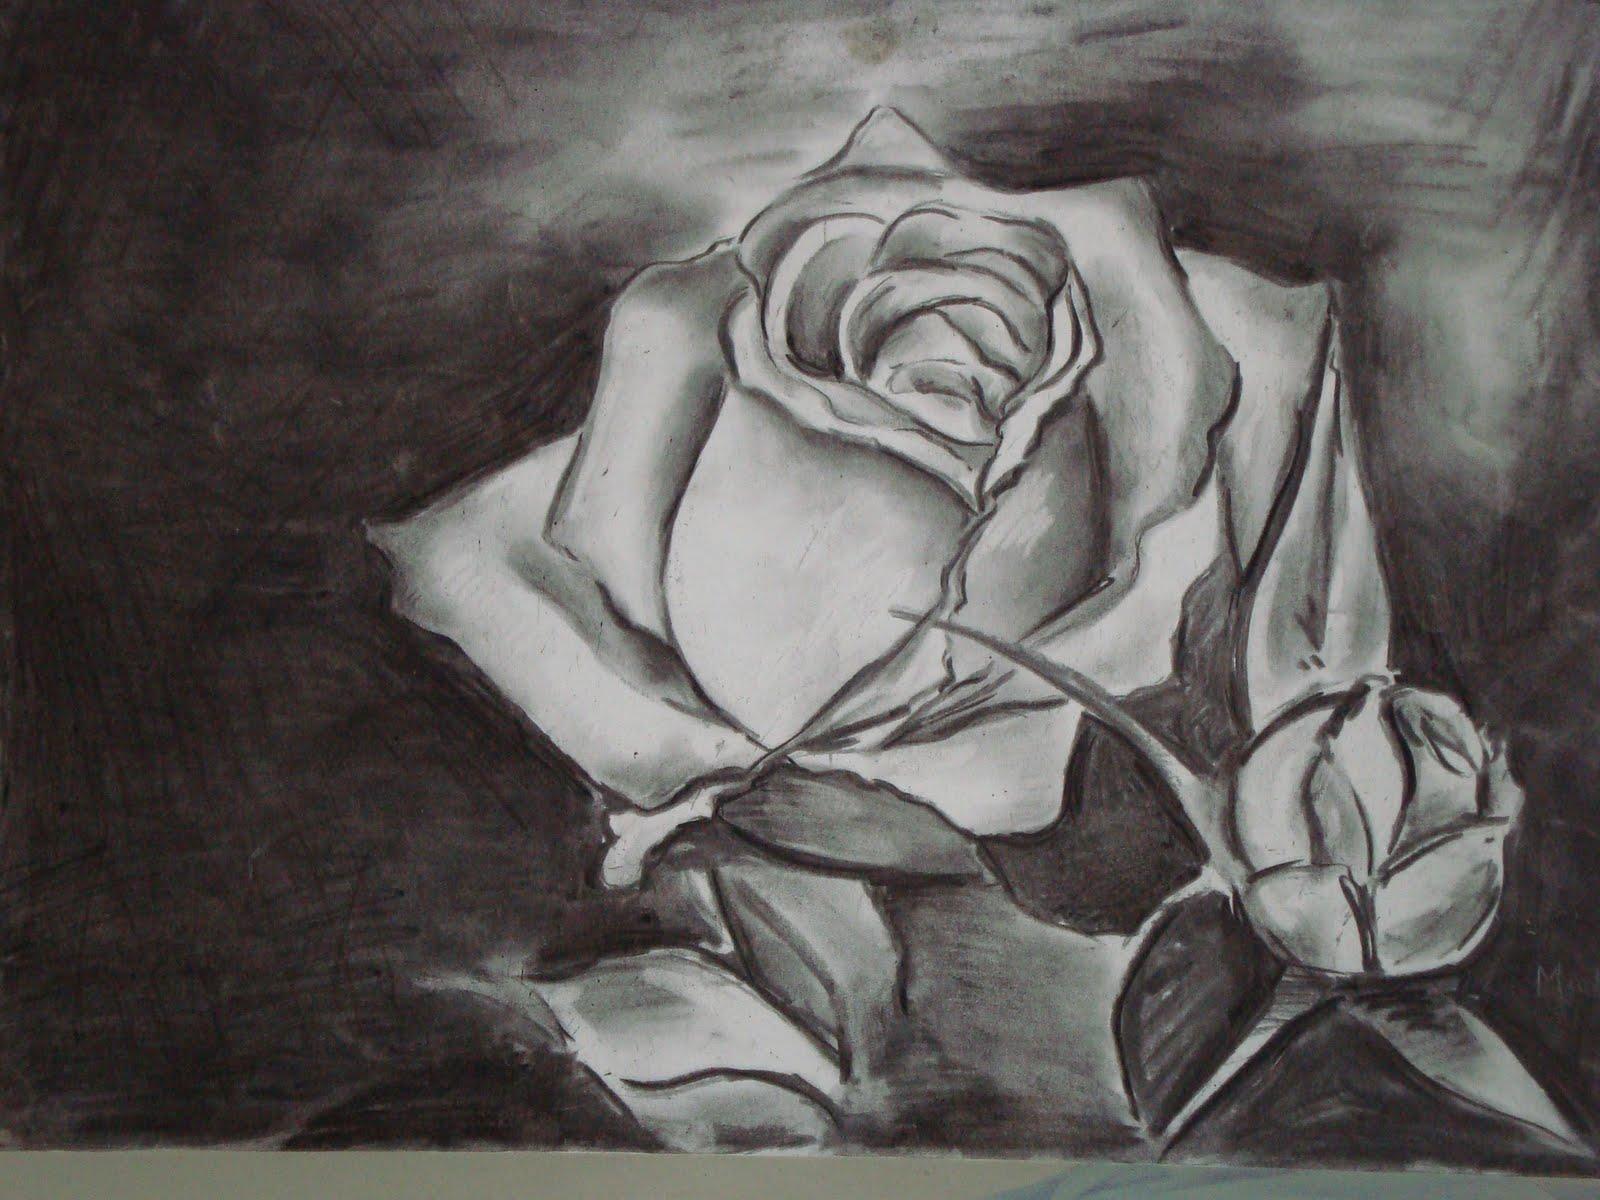 Imágenes de Amor para descargar gratis al celular - Imagenes De Rosas Para Celular